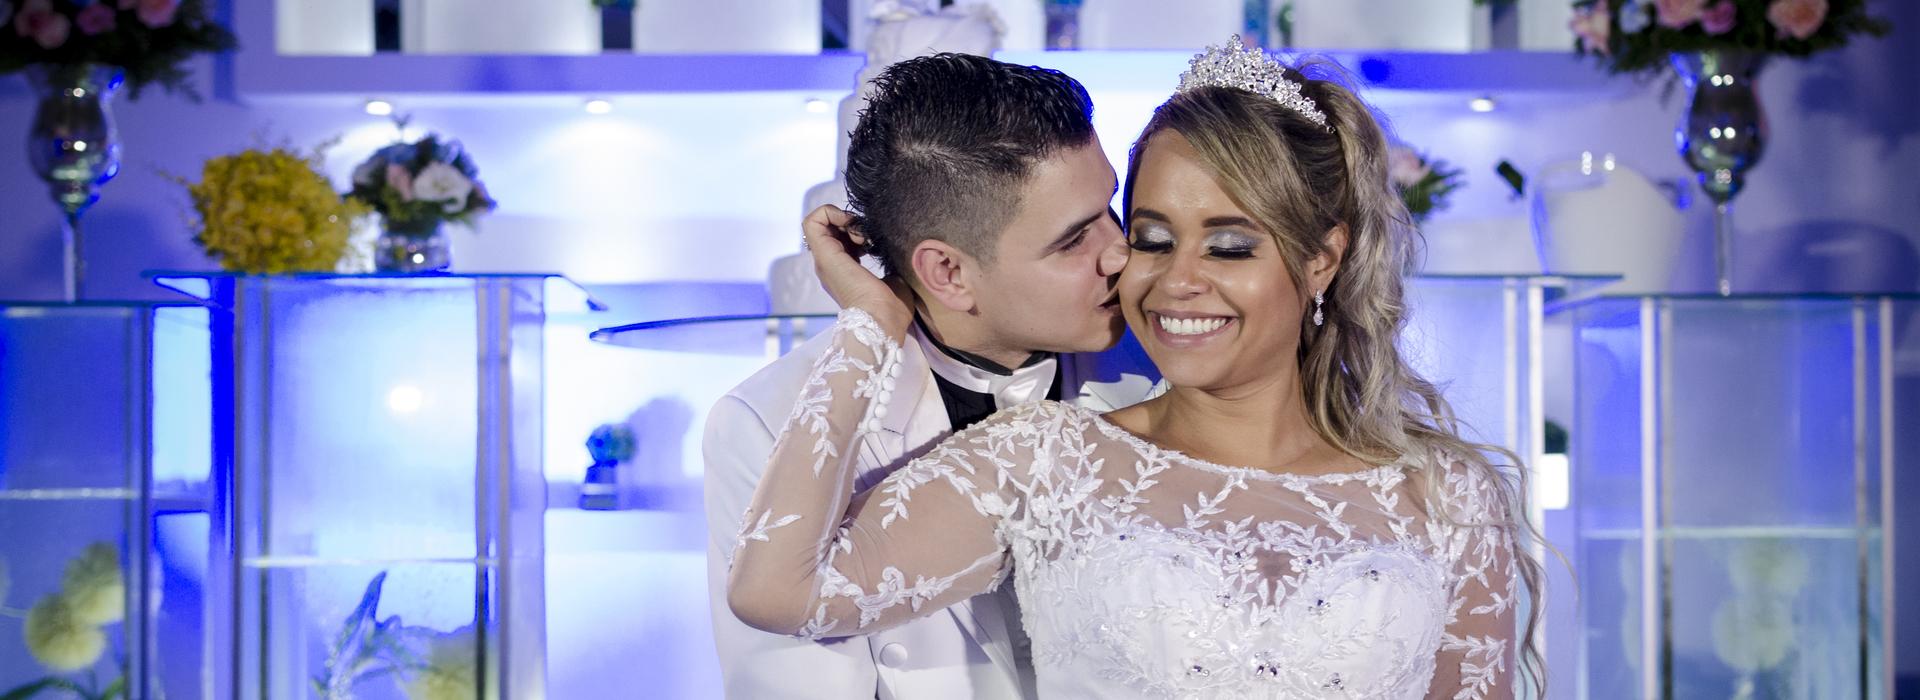 casamento de Tiago e Fabiana em Espaço Colliseo - Guarulhos SP